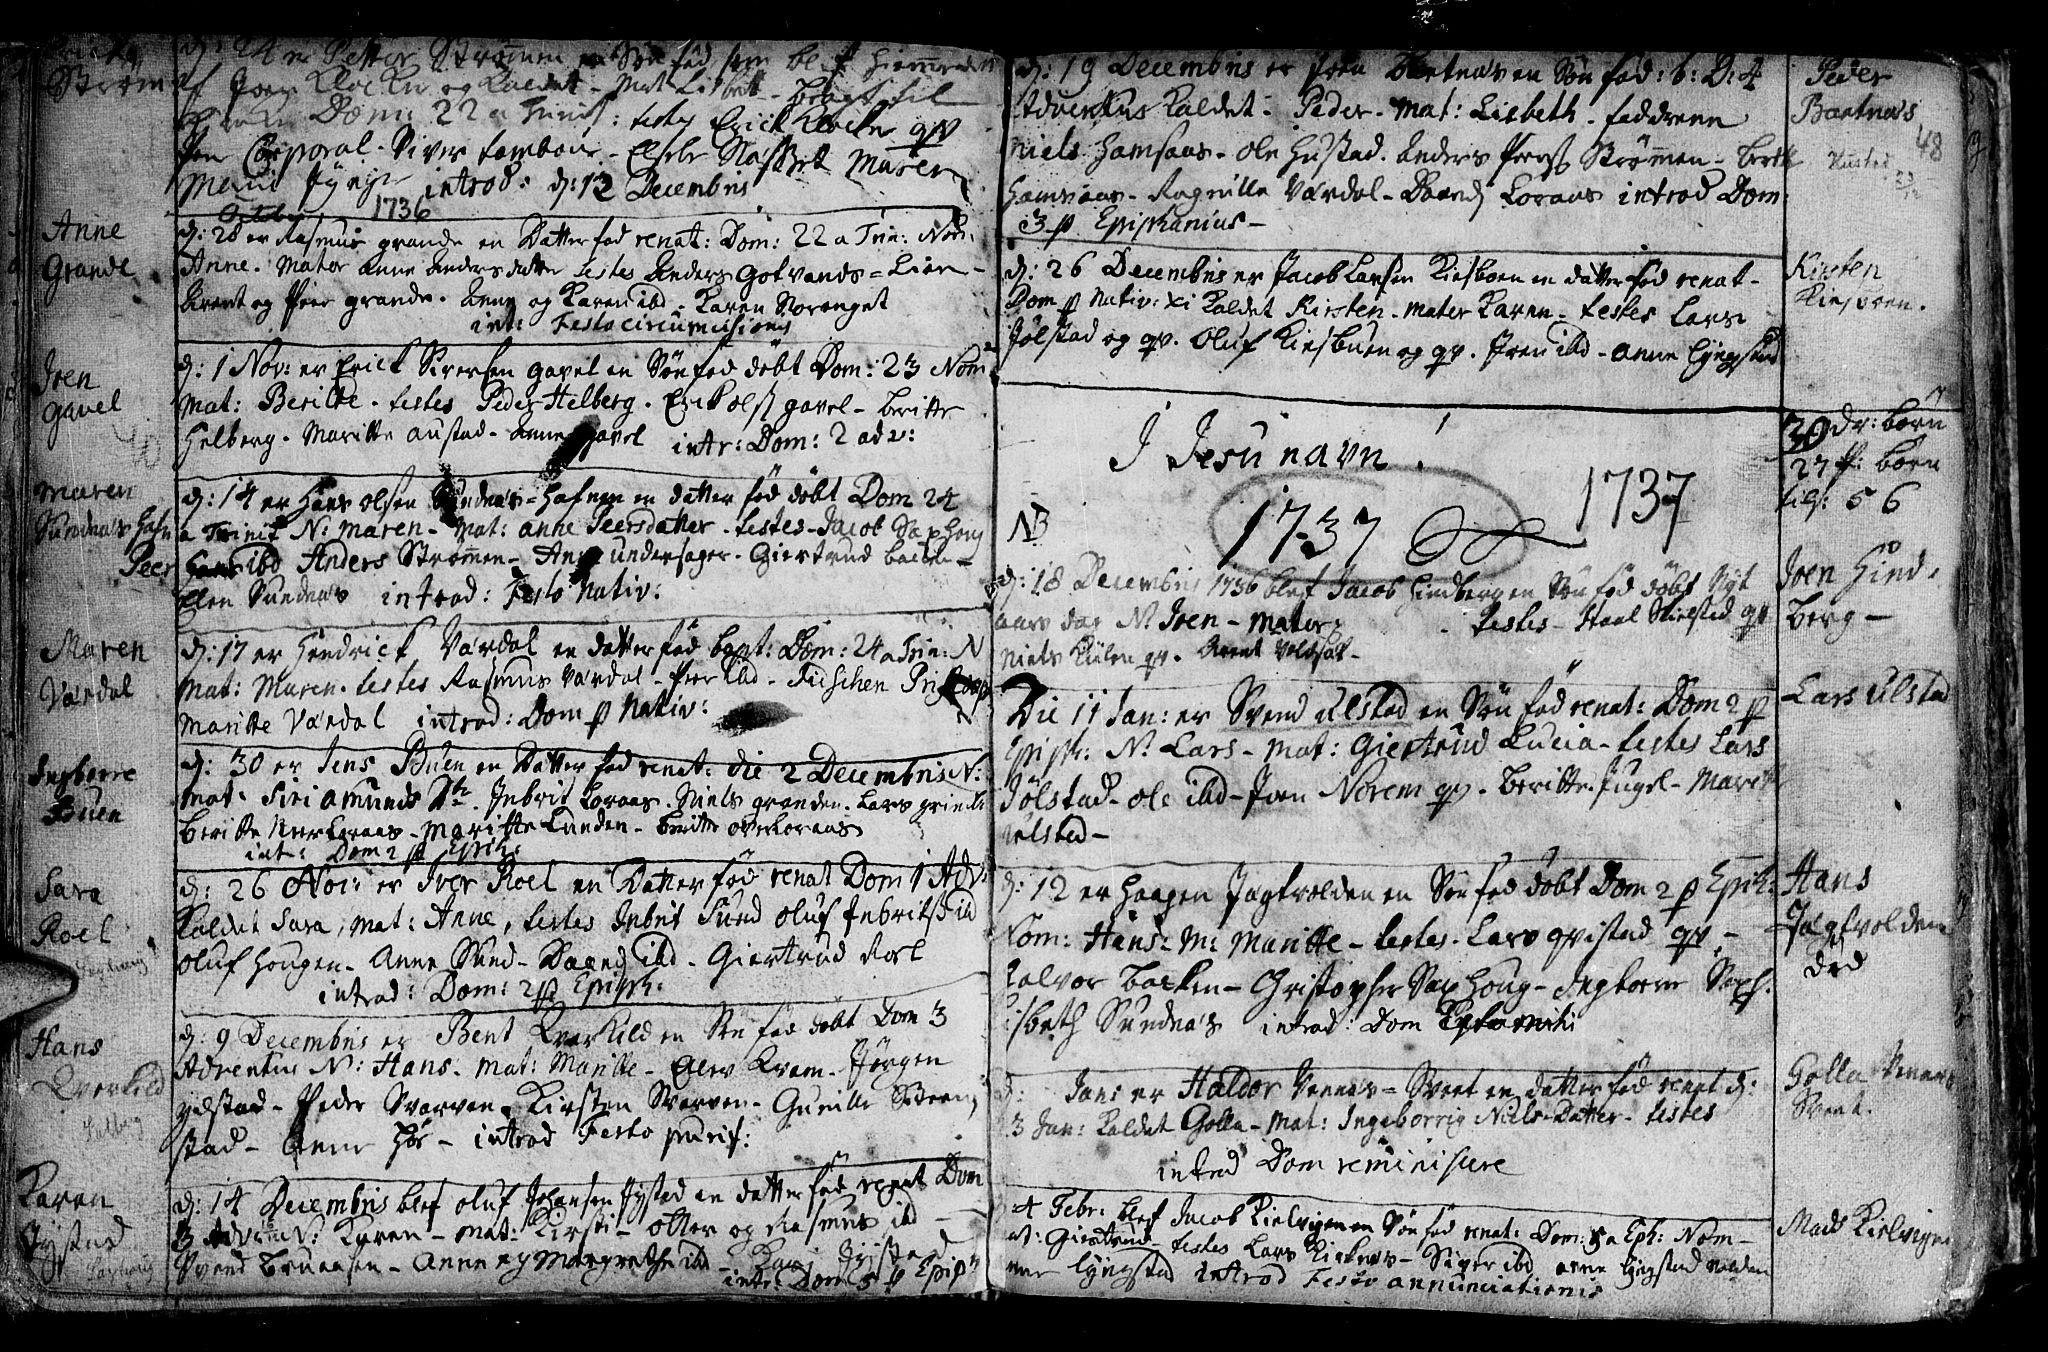 SAT, Ministerialprotokoller, klokkerbøker og fødselsregistre - Nord-Trøndelag, 730/L0272: Ministerialbok nr. 730A01, 1733-1764, s. 48